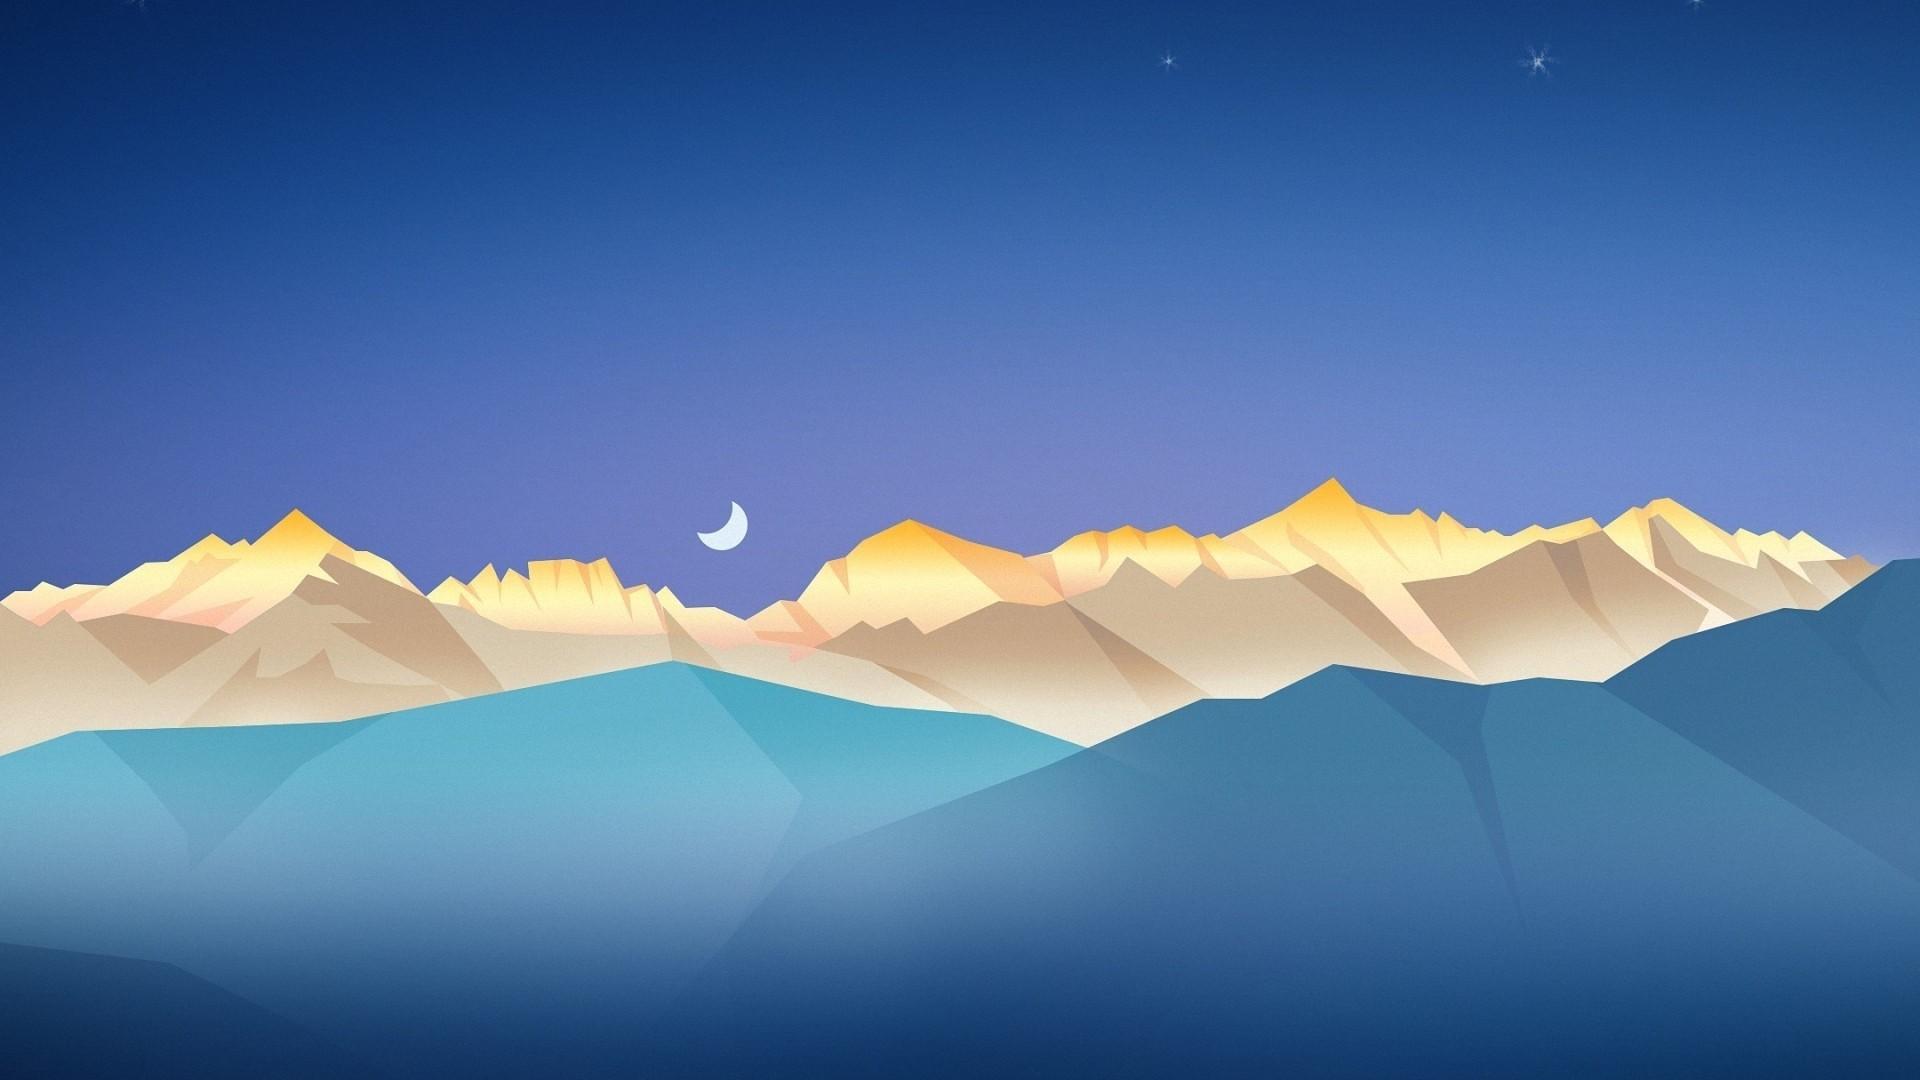 Sky Minimalist wallpaper photo hd